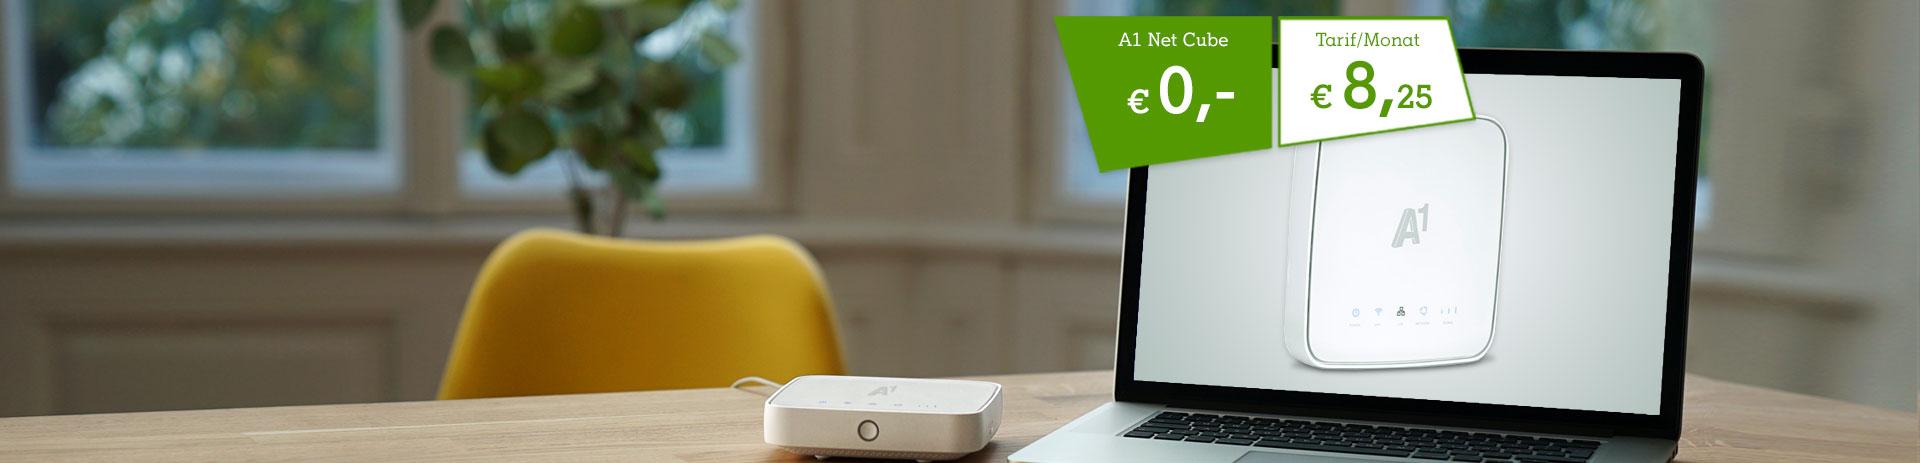 A1 Net Cube 2 um € 0,- auf einem Tisch neben einem Laptop. Tarif um € 8,25 pro Monat für die ersten 3 Monate.